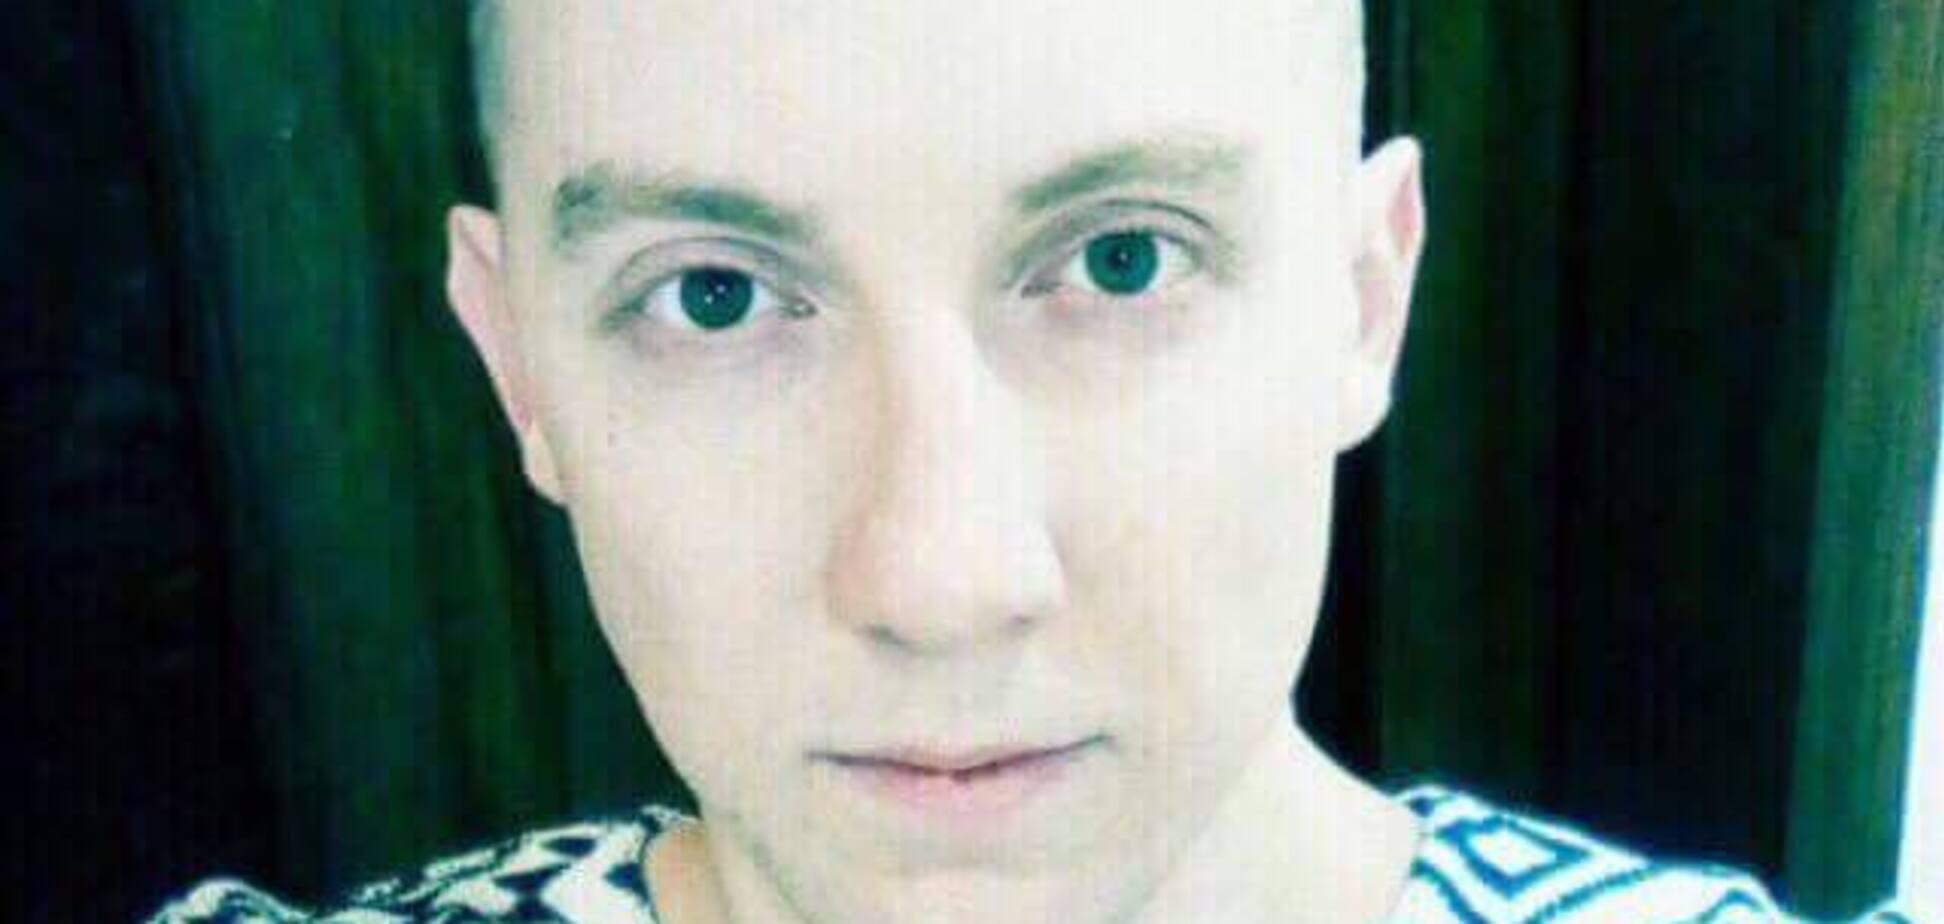 Плененный в 'ДНР' украинский журналист объявил голодовку